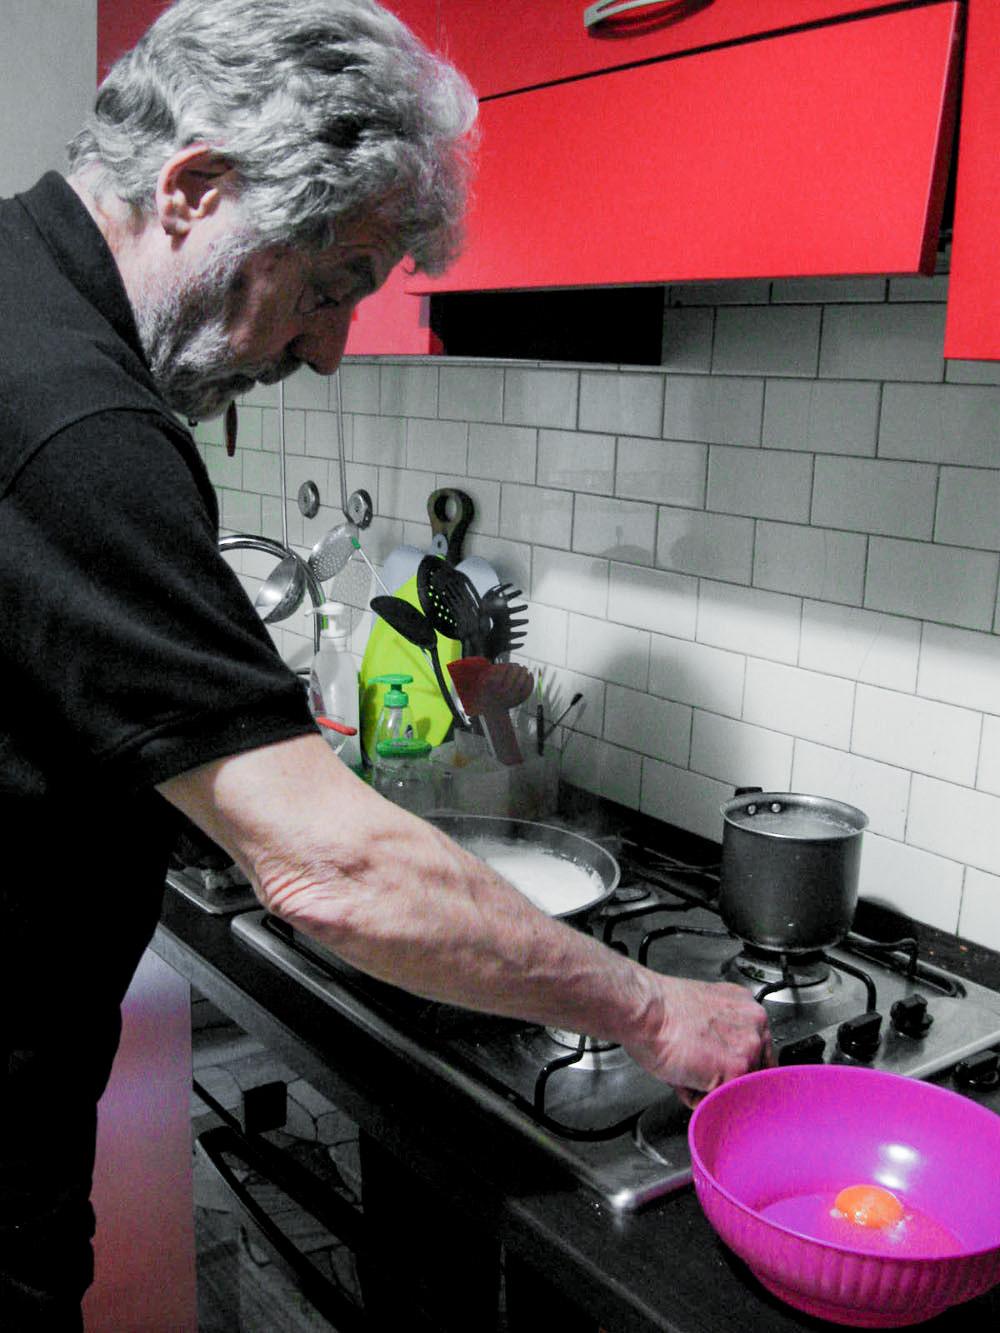 KitchenDaddy At Work